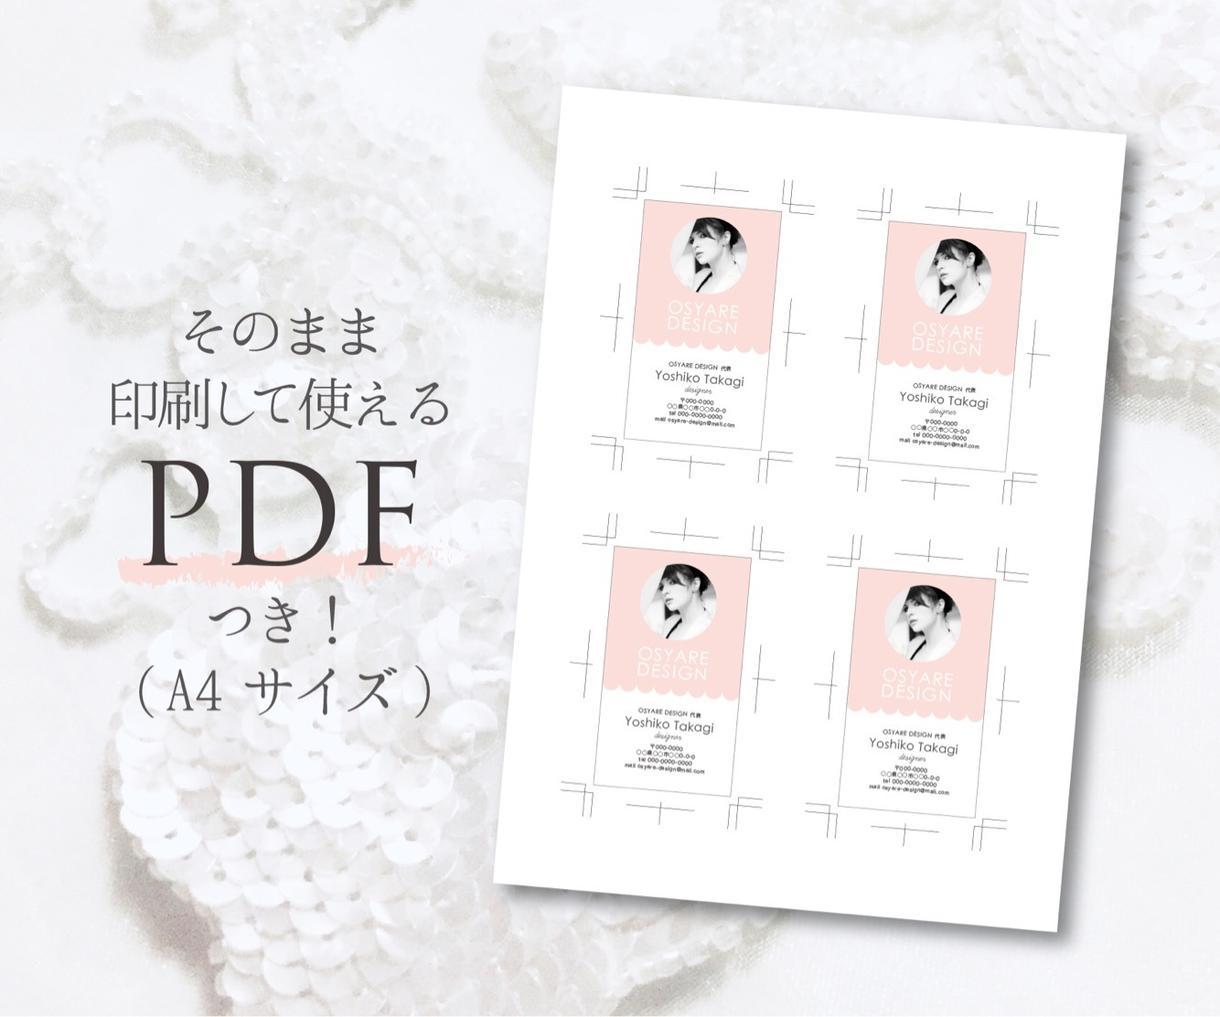 おしゃれなセミオーダー名刺をデザイン・印刷します 簡単!印刷済みのおしゃれな名刺をお手元までお届けします!